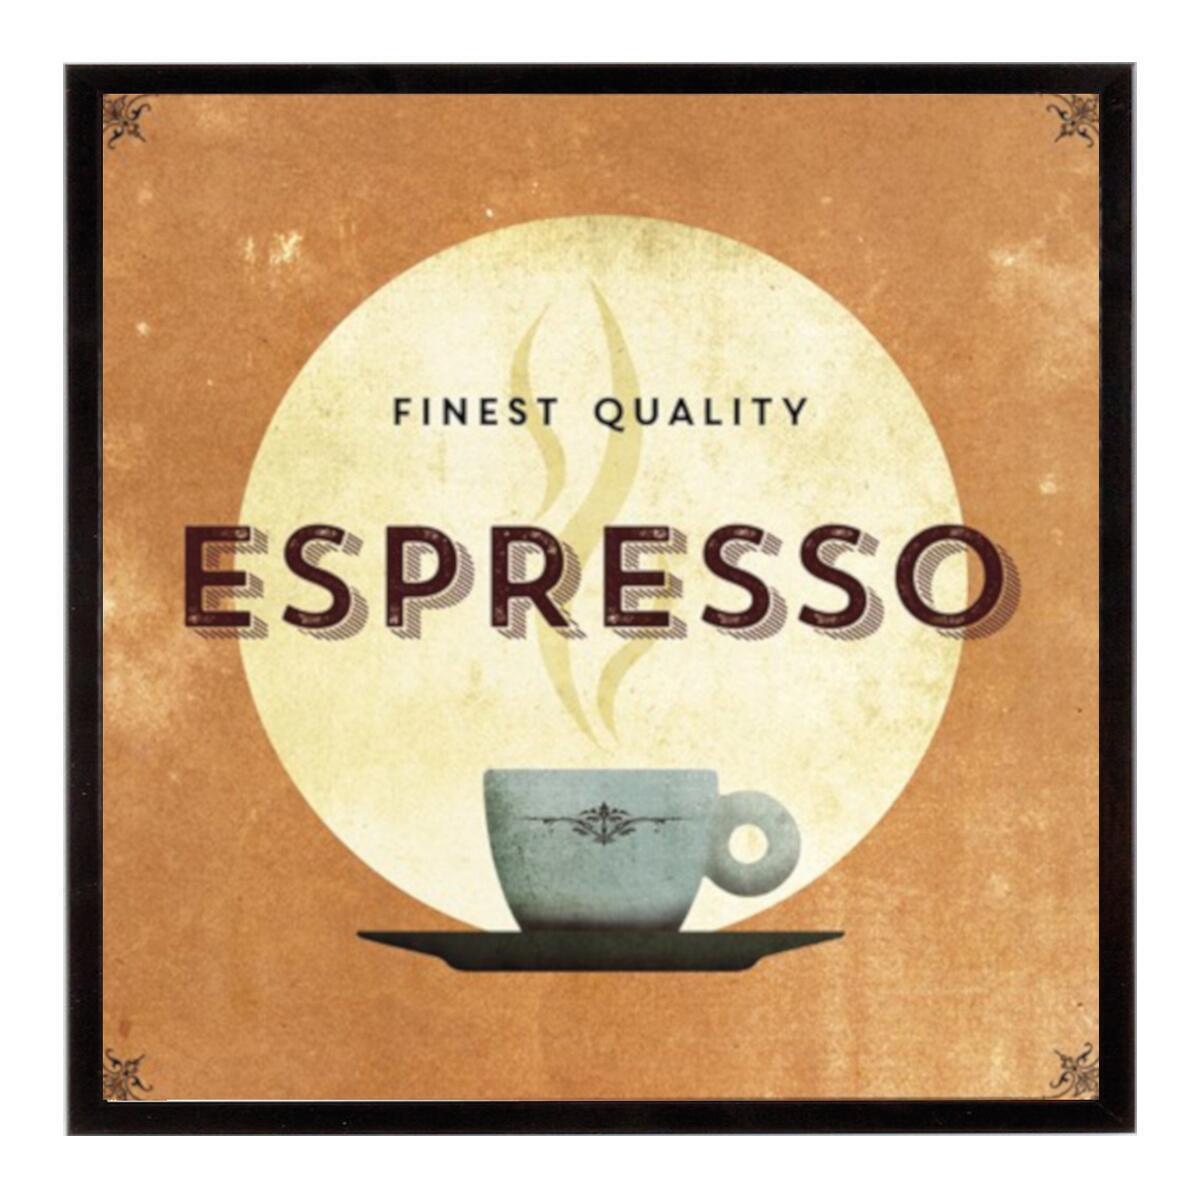 Stampa incorniciata F.C. Espresso 40.7x40.7 cm